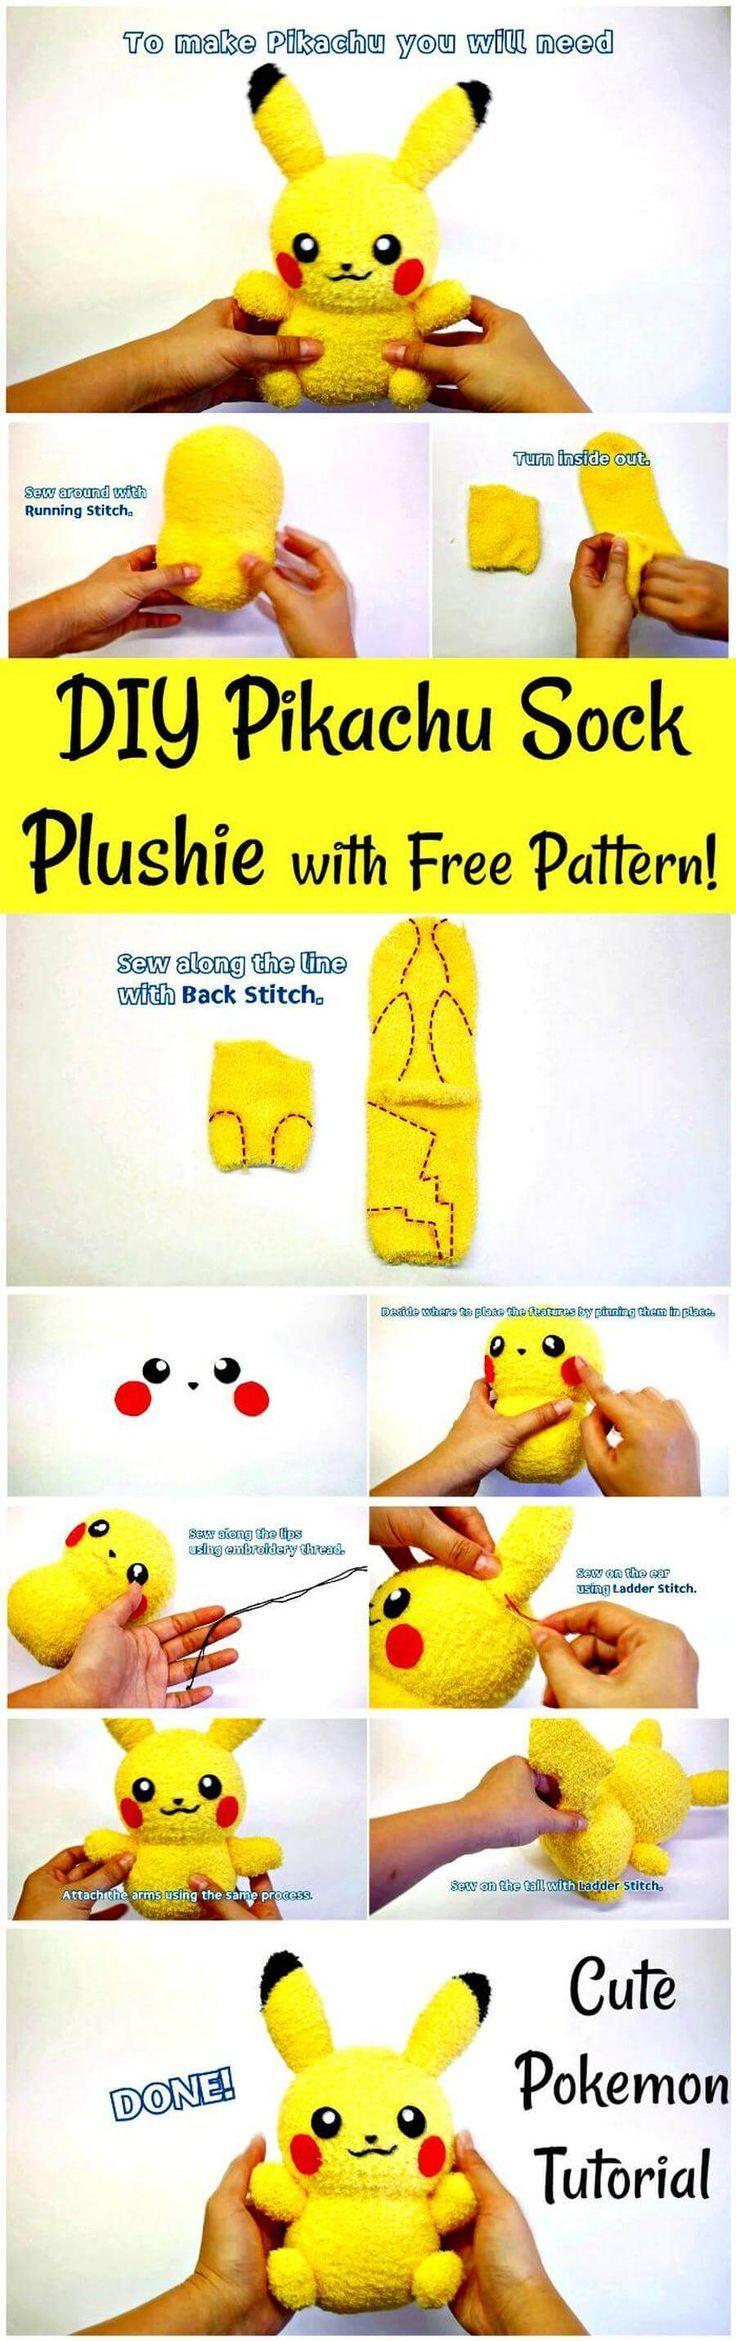 DIY Pikachu Sock Plushie mit kostenlosem Muster! DIY-Pokemon-Tutorial